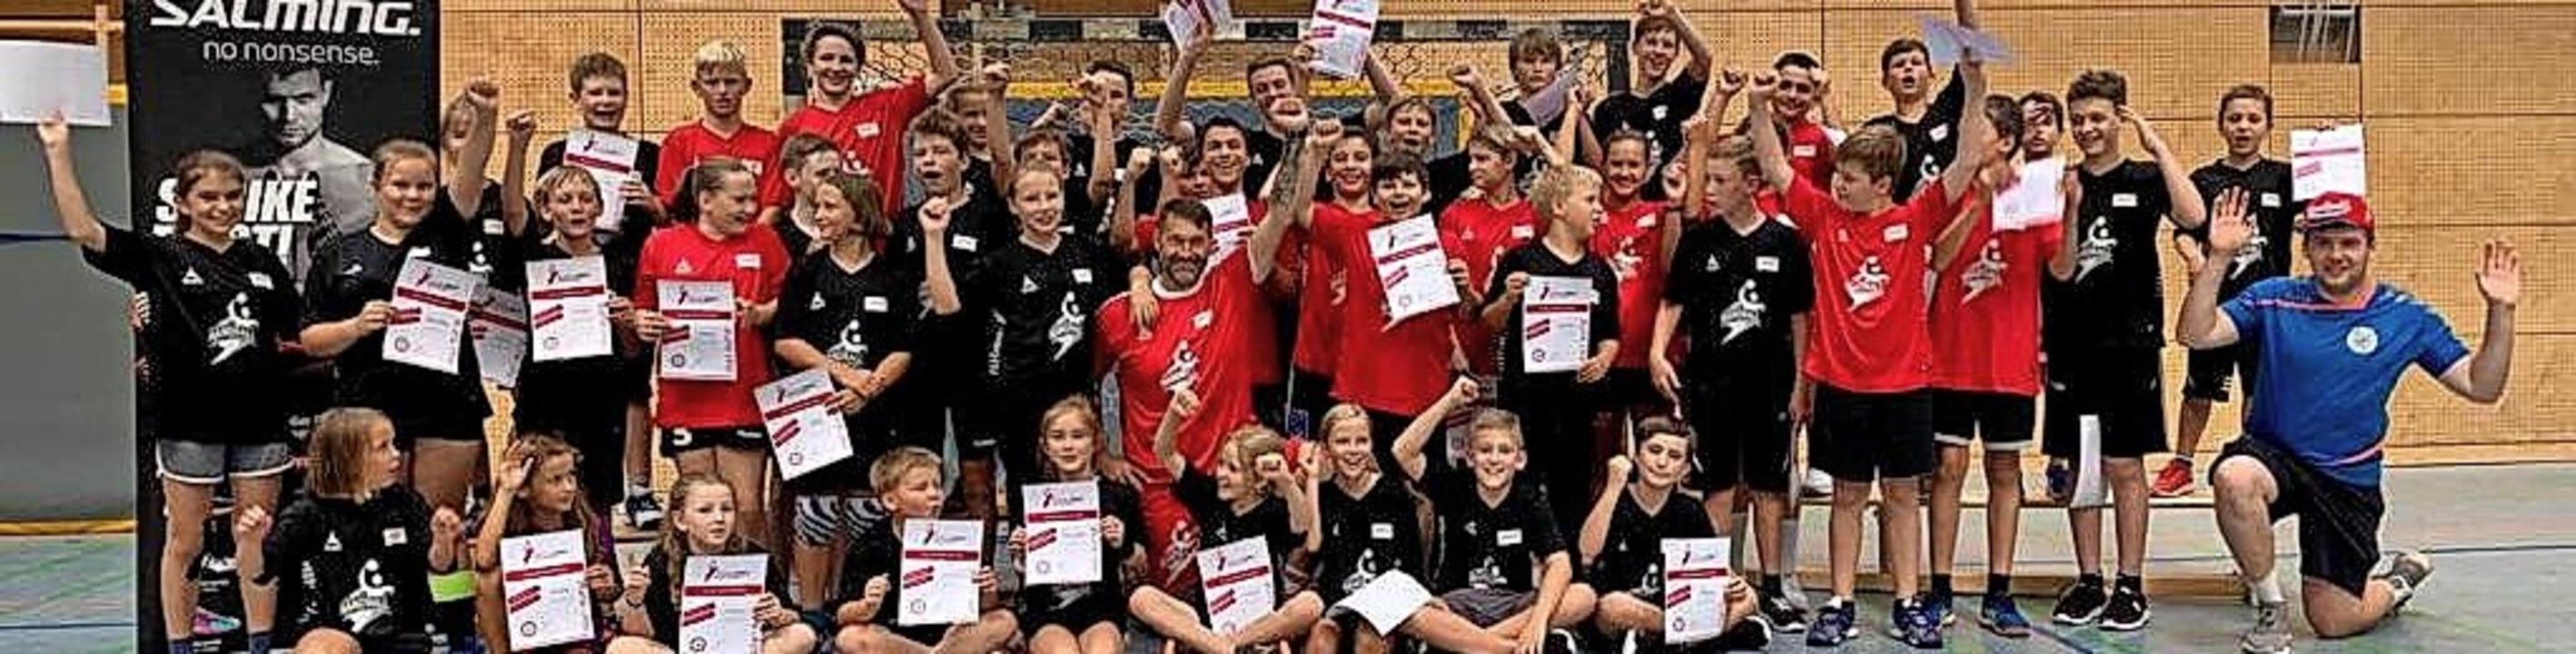 <BZ-FotoAnlauf>HSV SCHOPFHEIM:</BZ-Fot...tjährige Camp hat viel Spaß gemacht.      Foto: HSV